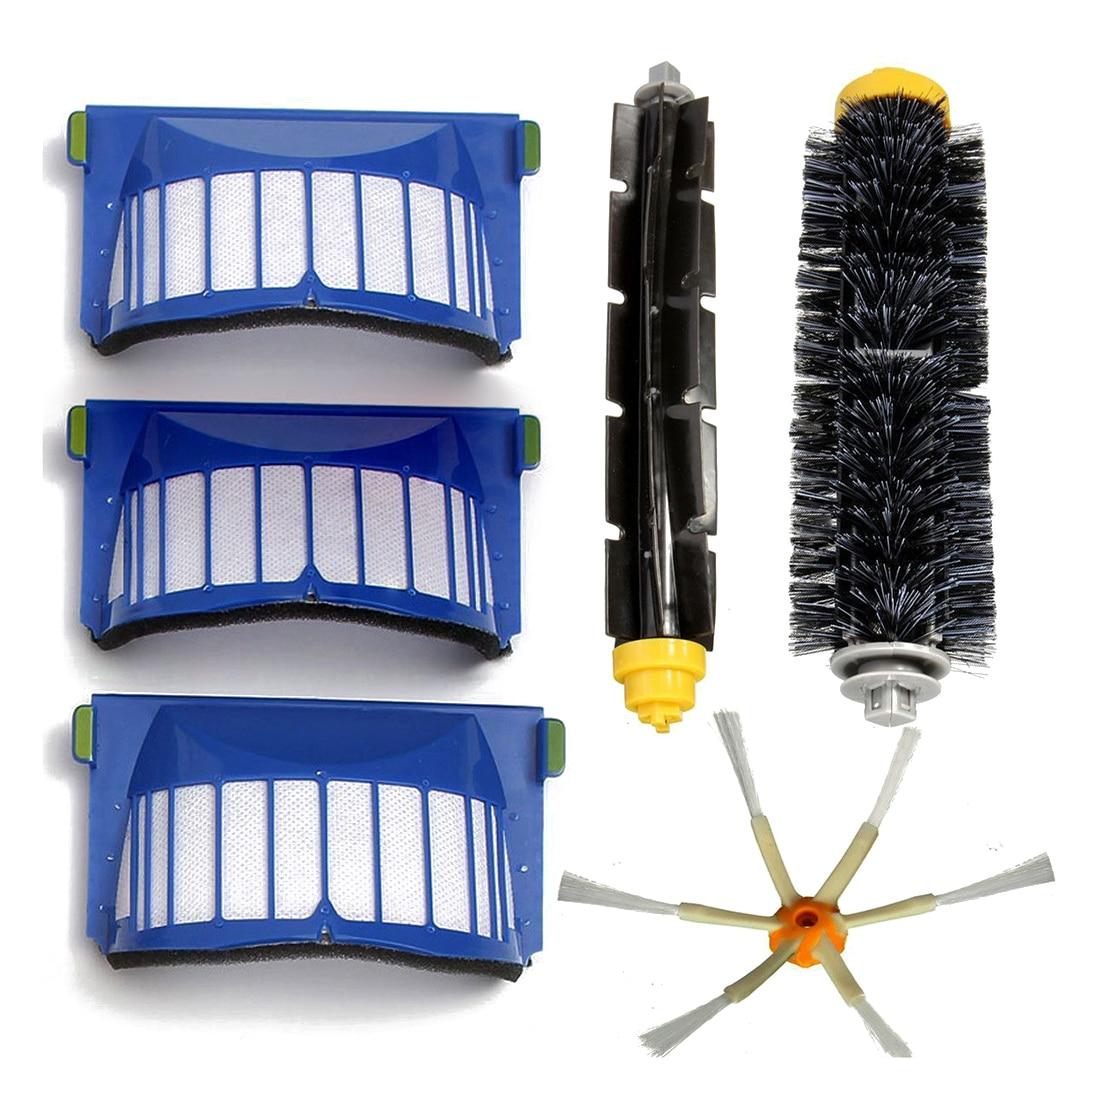 4 в 1 установку 6 шт. пылесос части 3 шт. фильтр + щетка 6 Вооруженные сторона для iRobot Roomba серии 600 620 630 650 6660